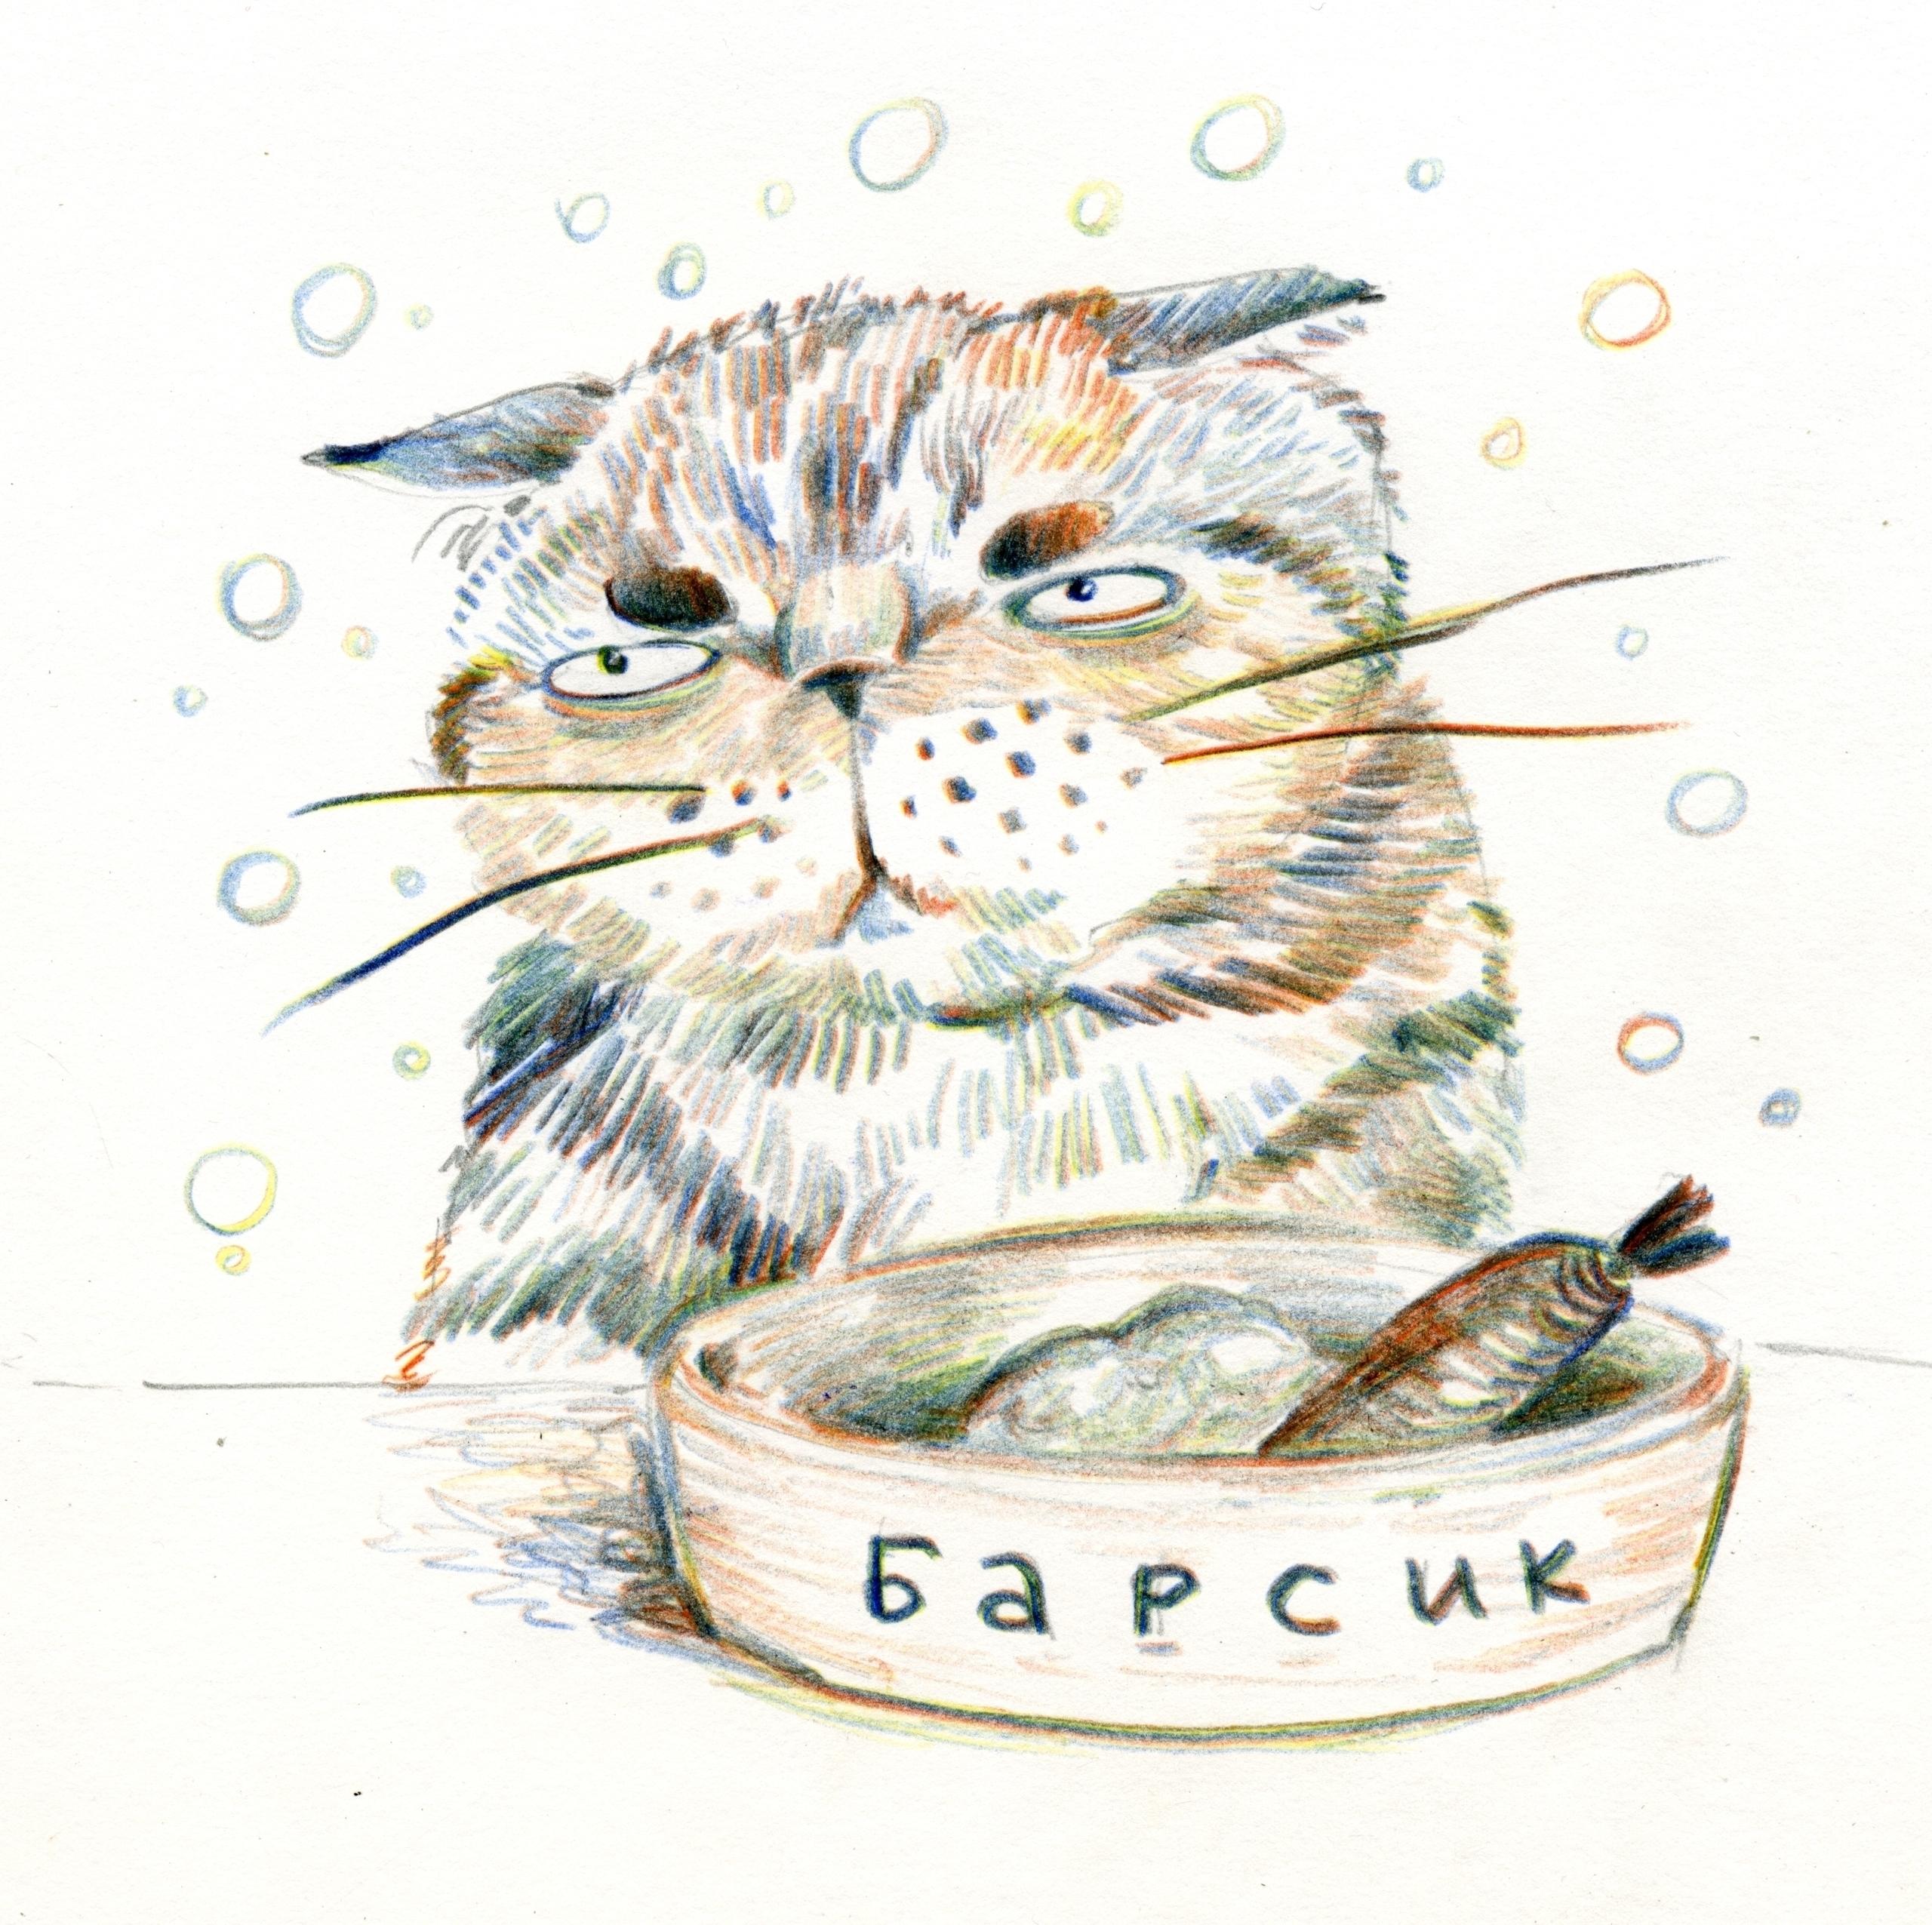 Barsik diet - cat, cats, sketch - prianikn | ello